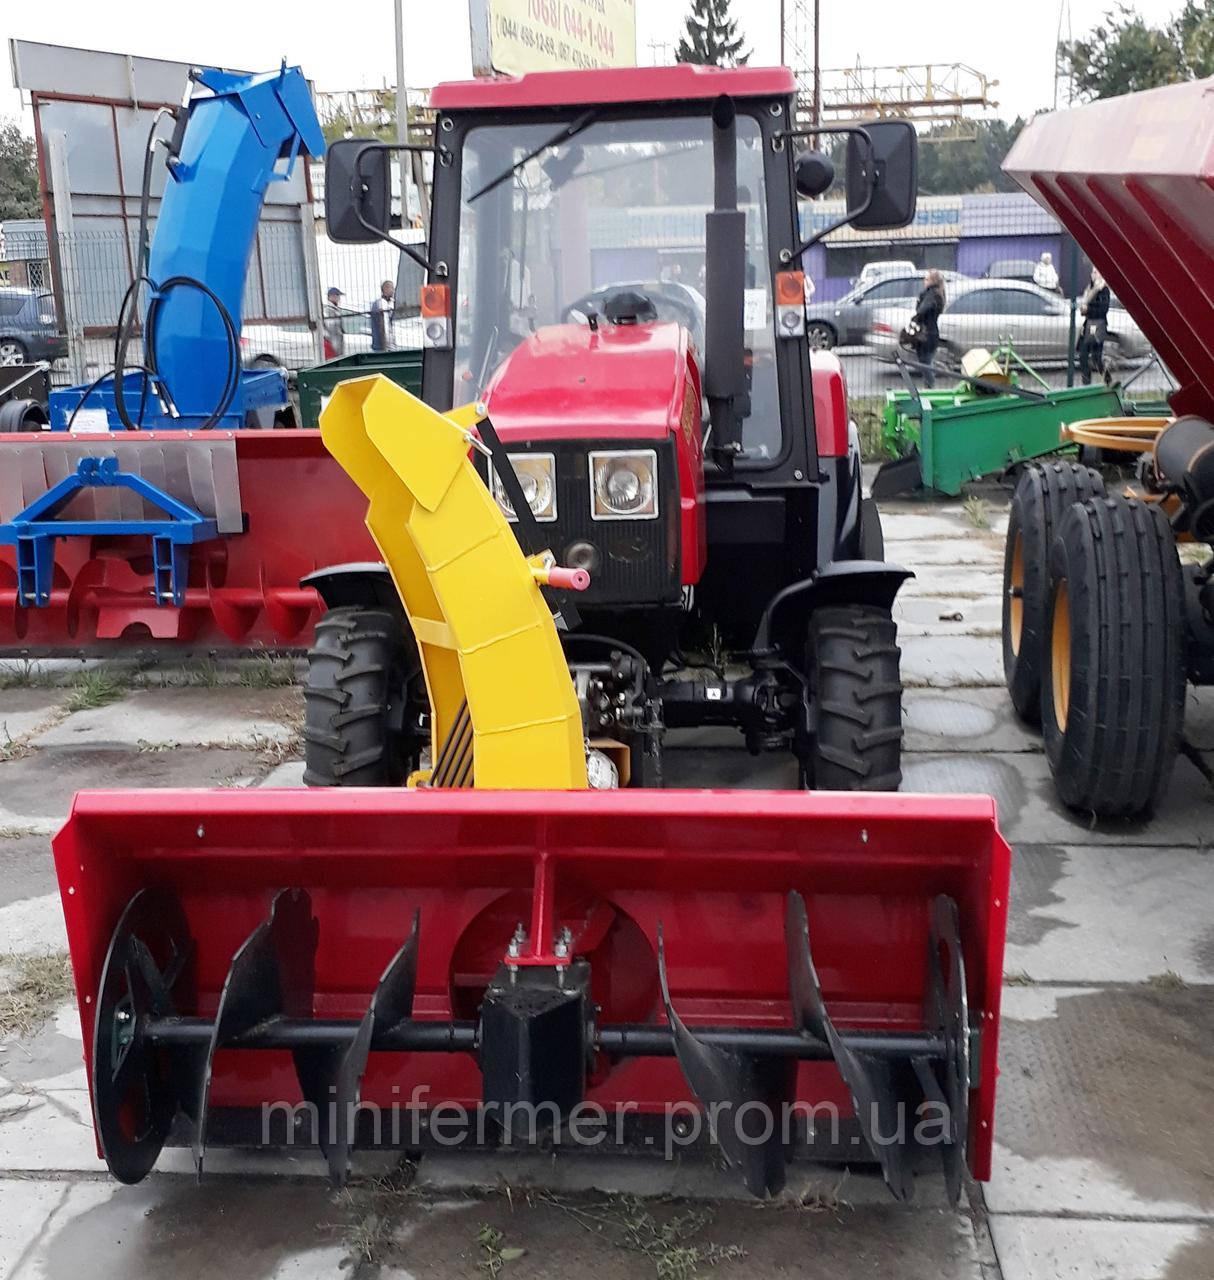 Снегоочиститель СТ-1500 шнеко-роторный тракторный